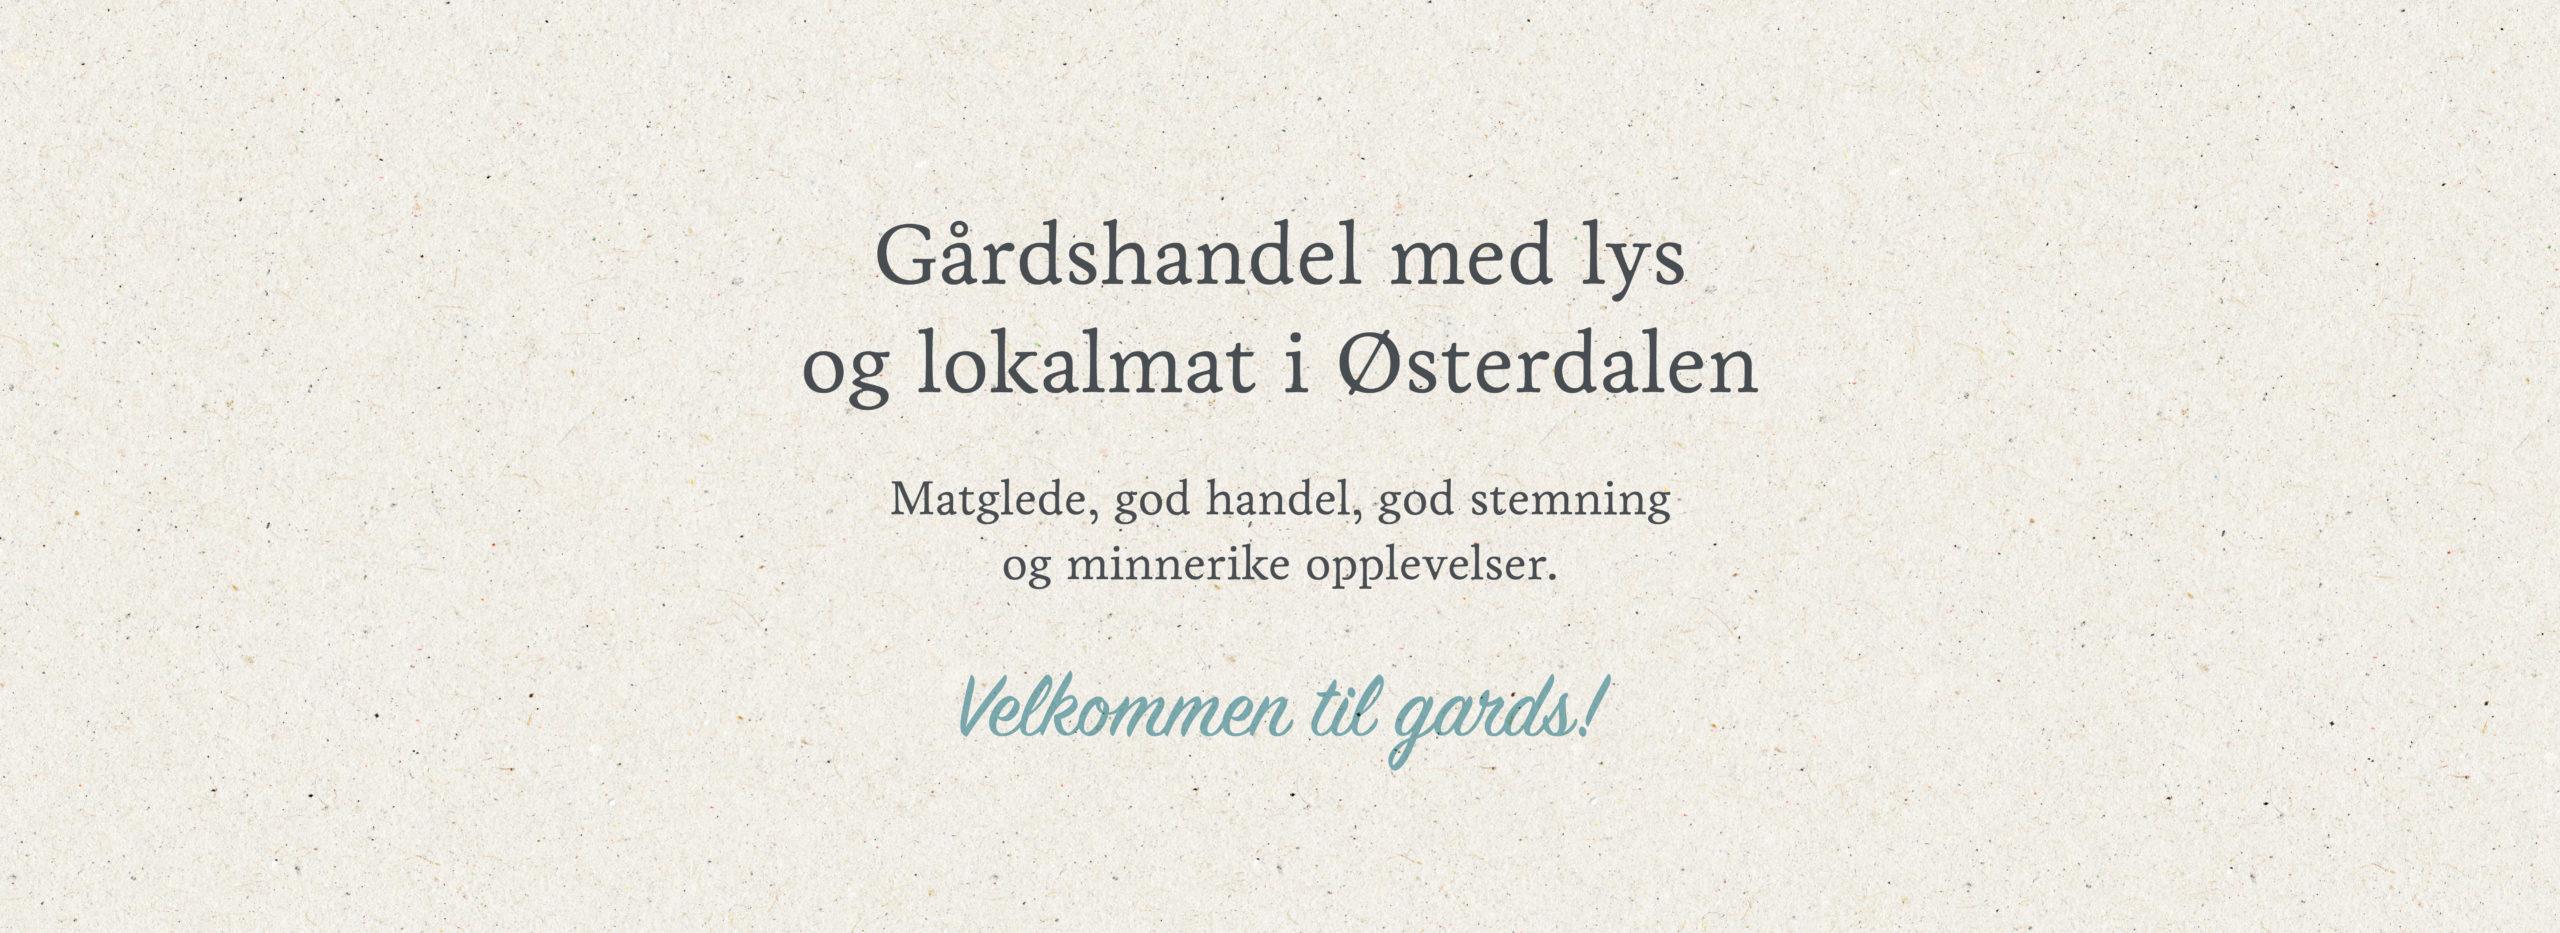 Bilde av pay-offen til Søberg Gård, laget av Haus Byrå